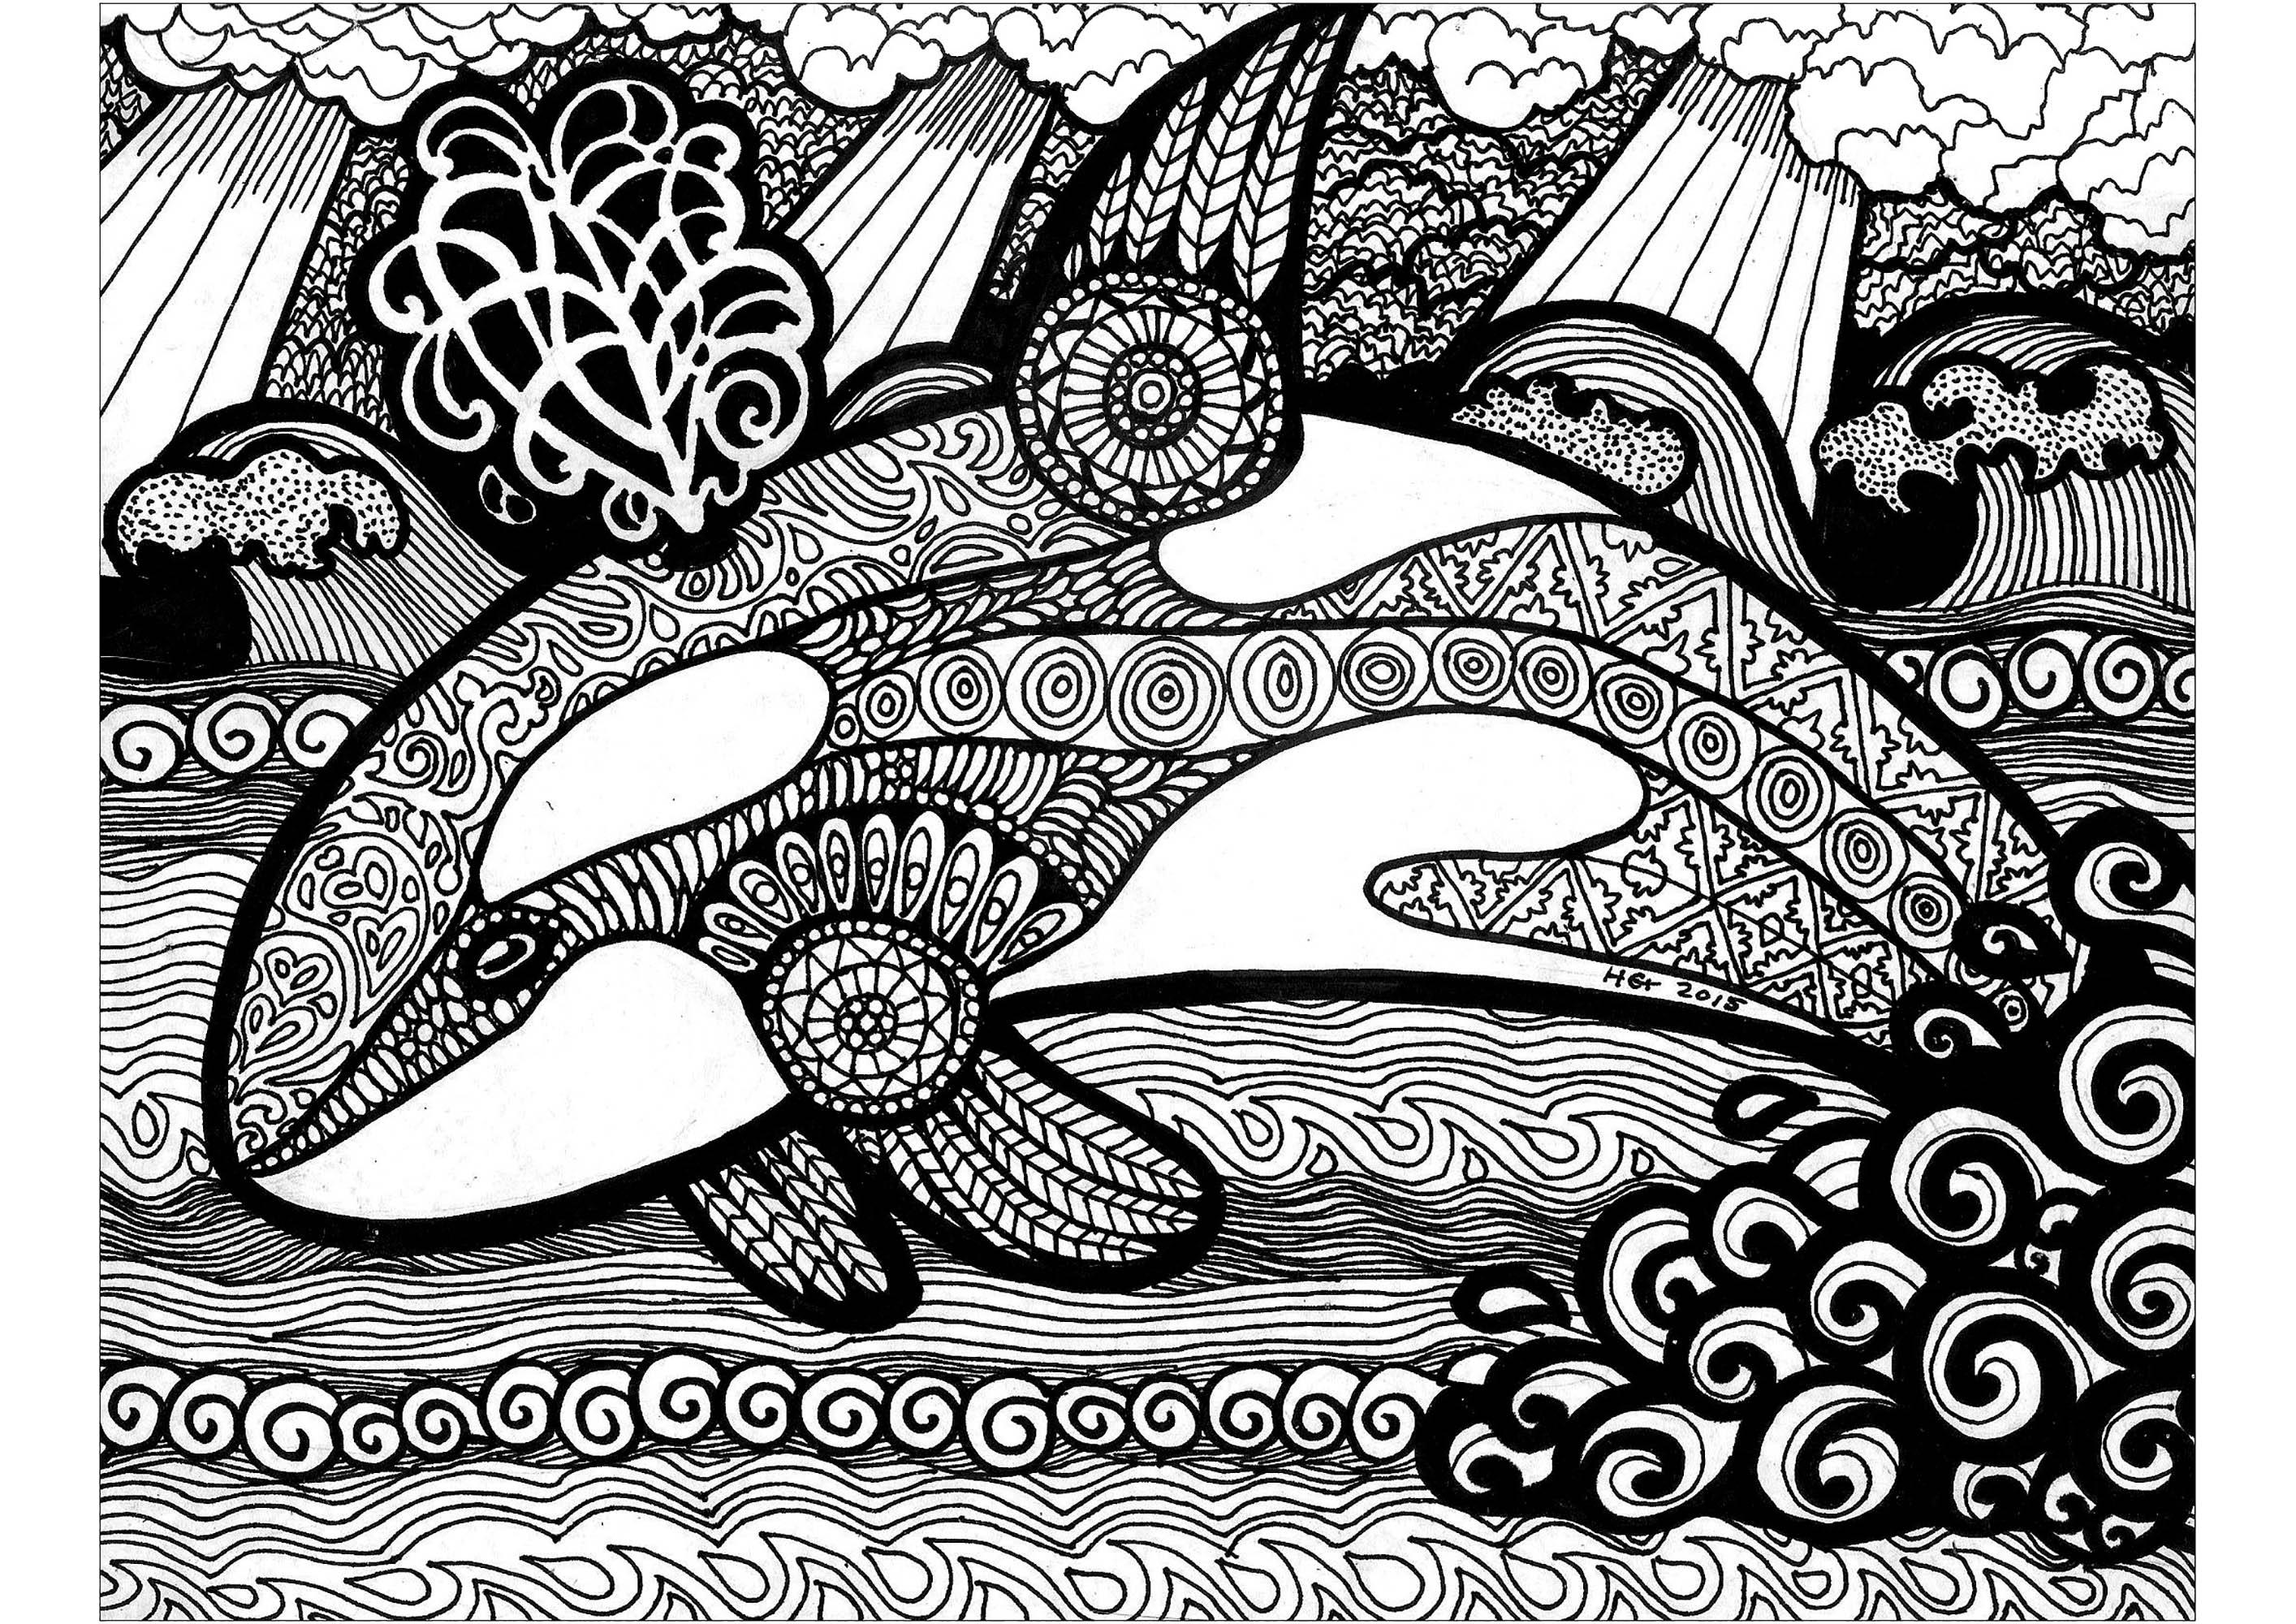 Plongez dans une baignade de coloriage avec ce splendide orque.